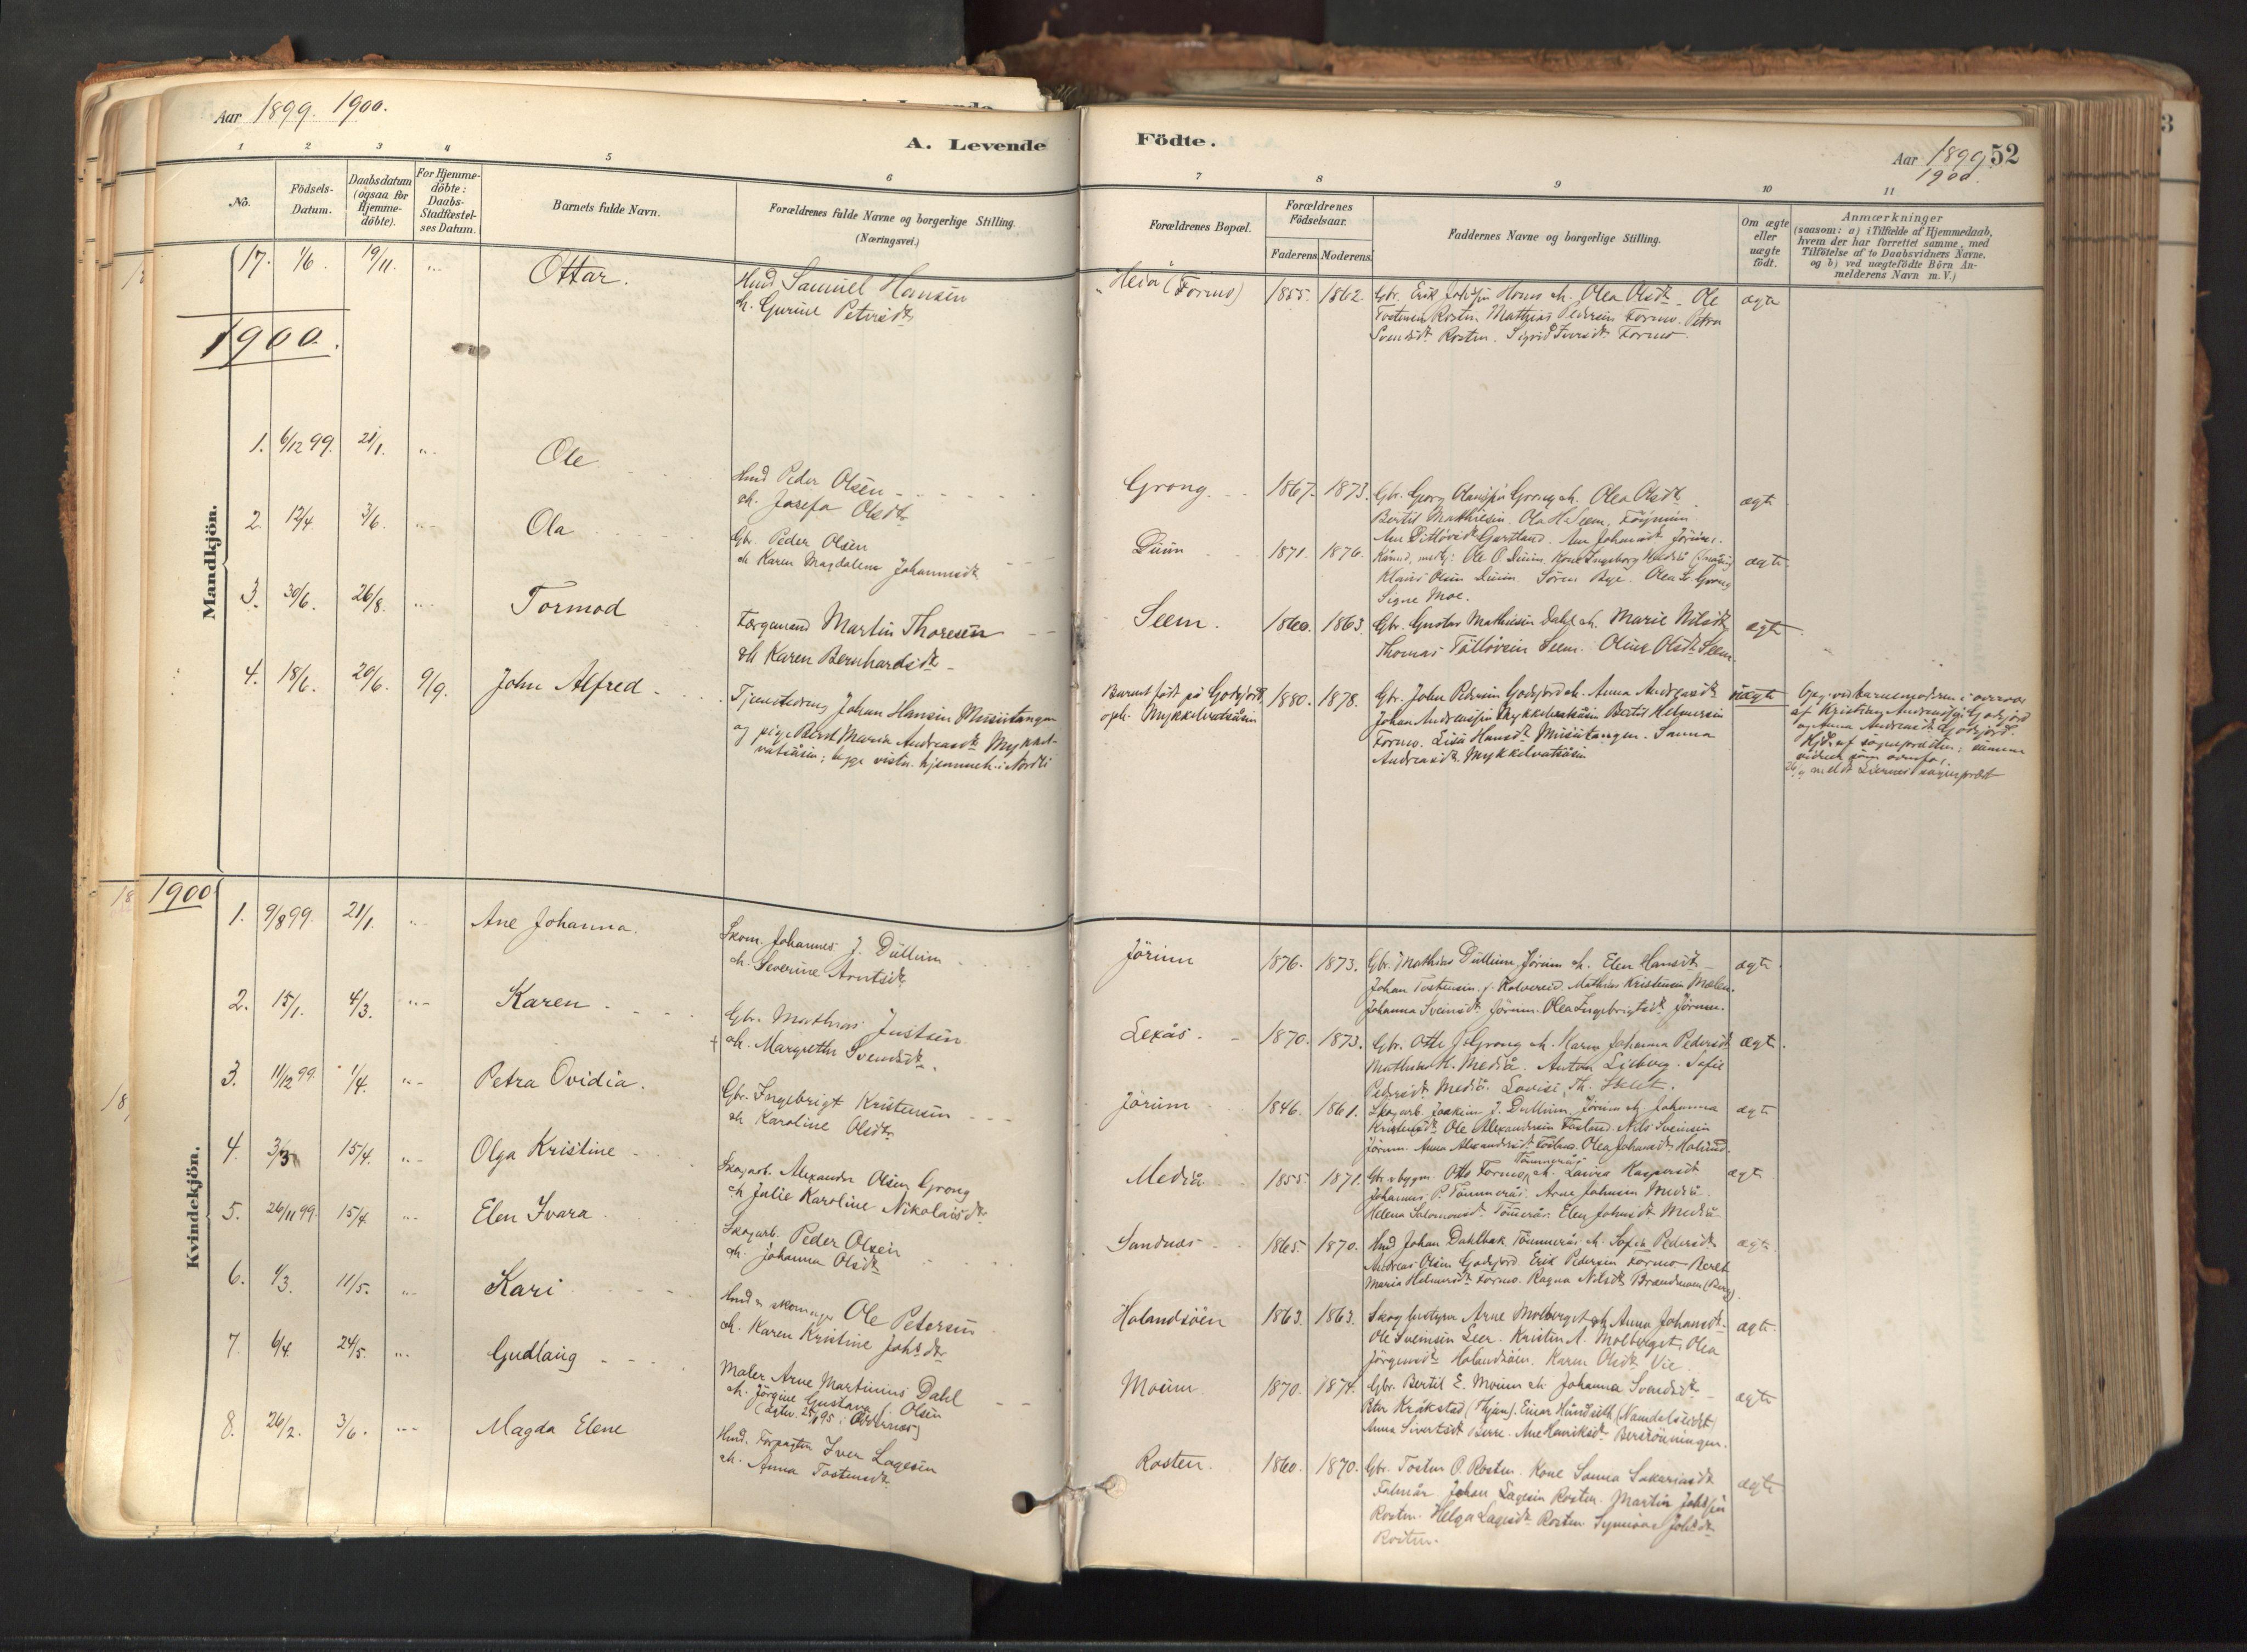 SAT, Ministerialprotokoller, klokkerbøker og fødselsregistre - Nord-Trøndelag, 758/L0519: Ministerialbok nr. 758A04, 1880-1926, s. 52